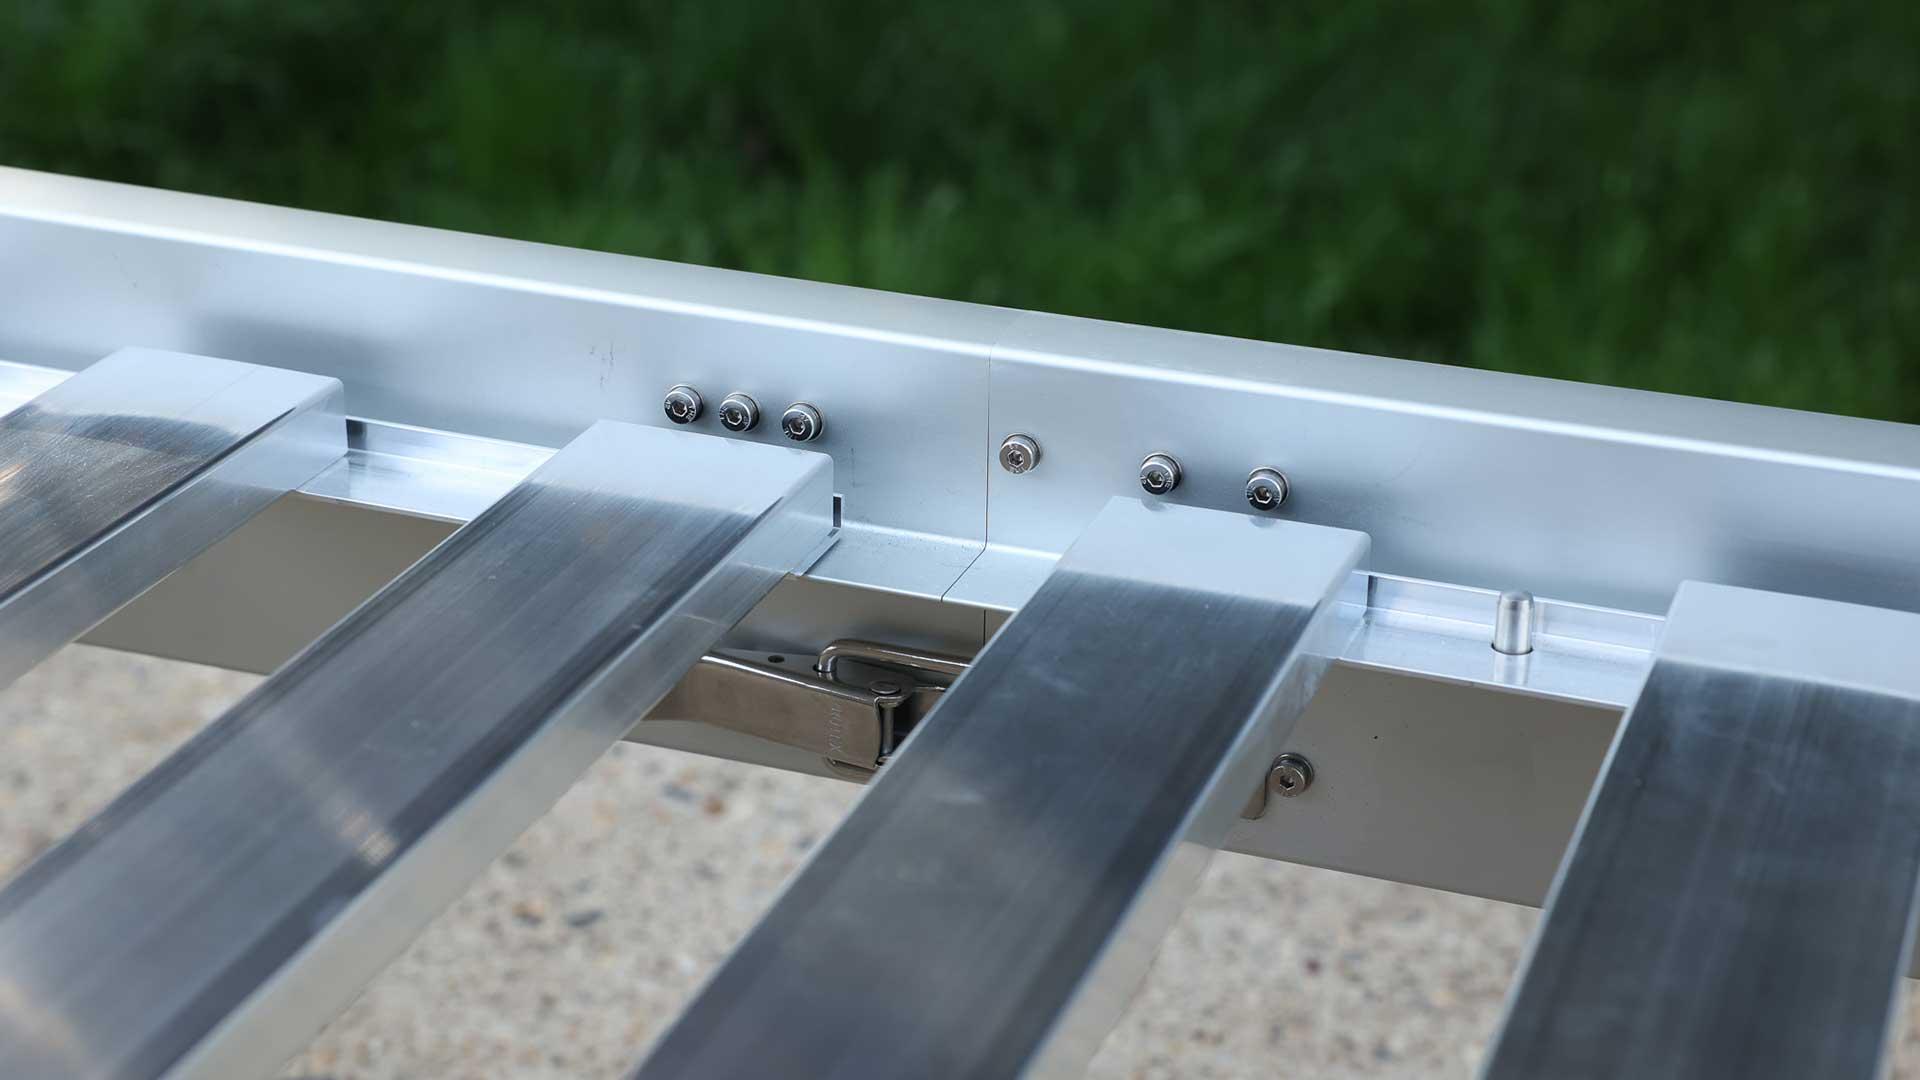 Die 4 Lattenrost-Elemente aus unbehandeltem Aluminium werden in den Bettrahmen eingelegt. Bei der Positionierung helfen Edelstahl-Bolzen, die im Rahmenprofil integriert sind.